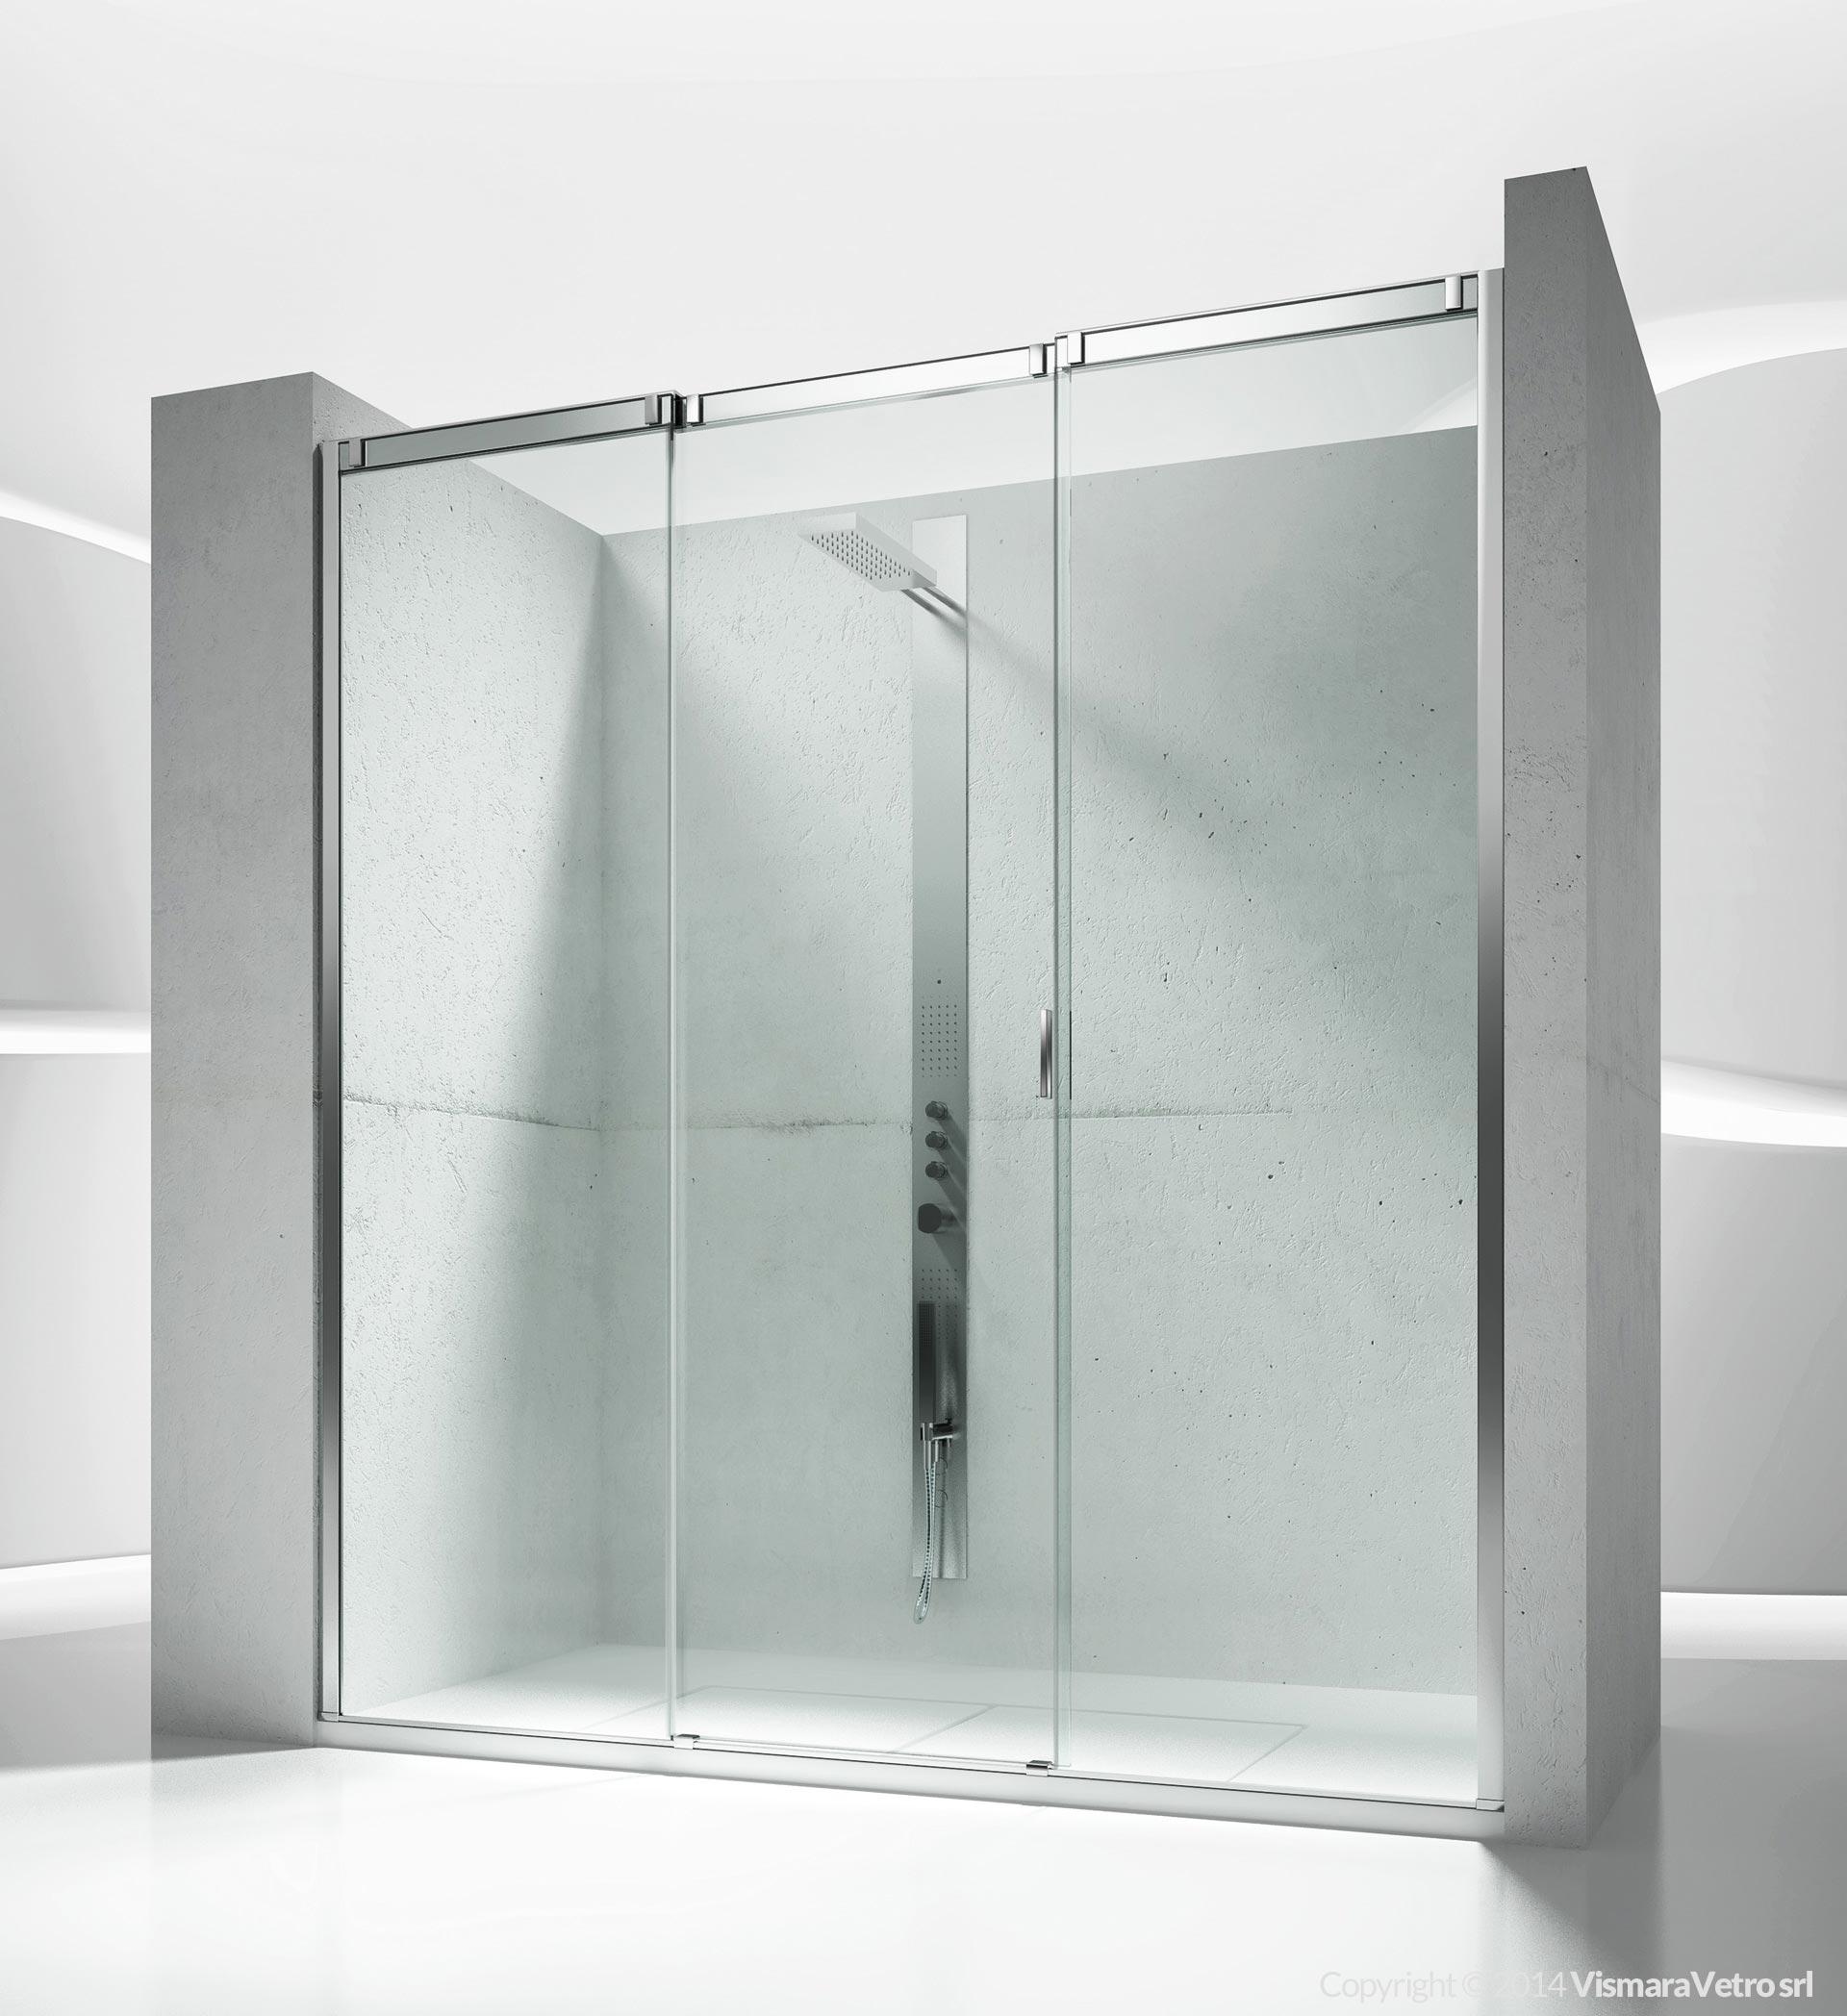 V3 Slide Cabine De Douche Pour Salle De Bains Avec Ouverture Coulissante